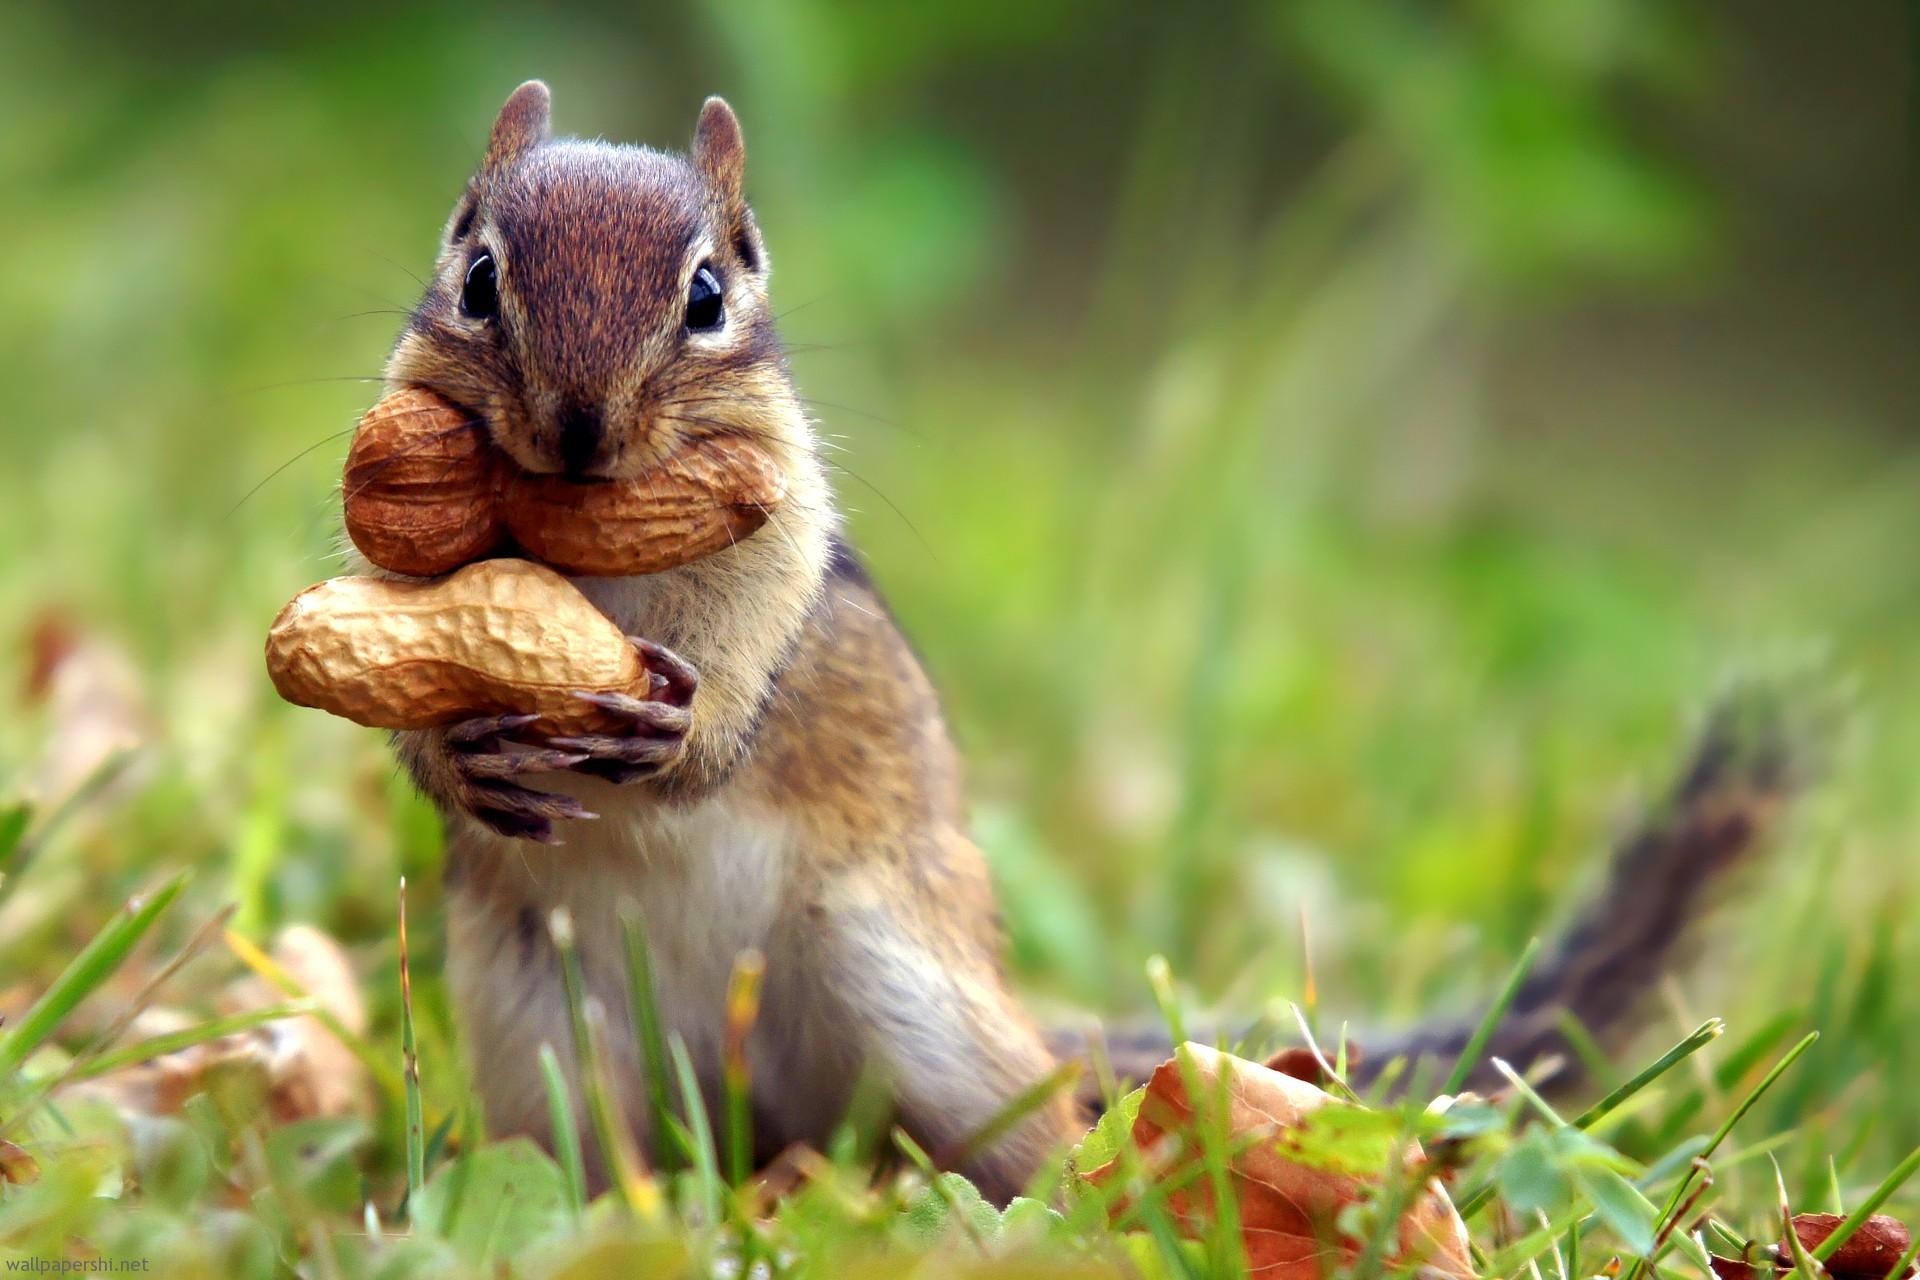 Squirrel pictures